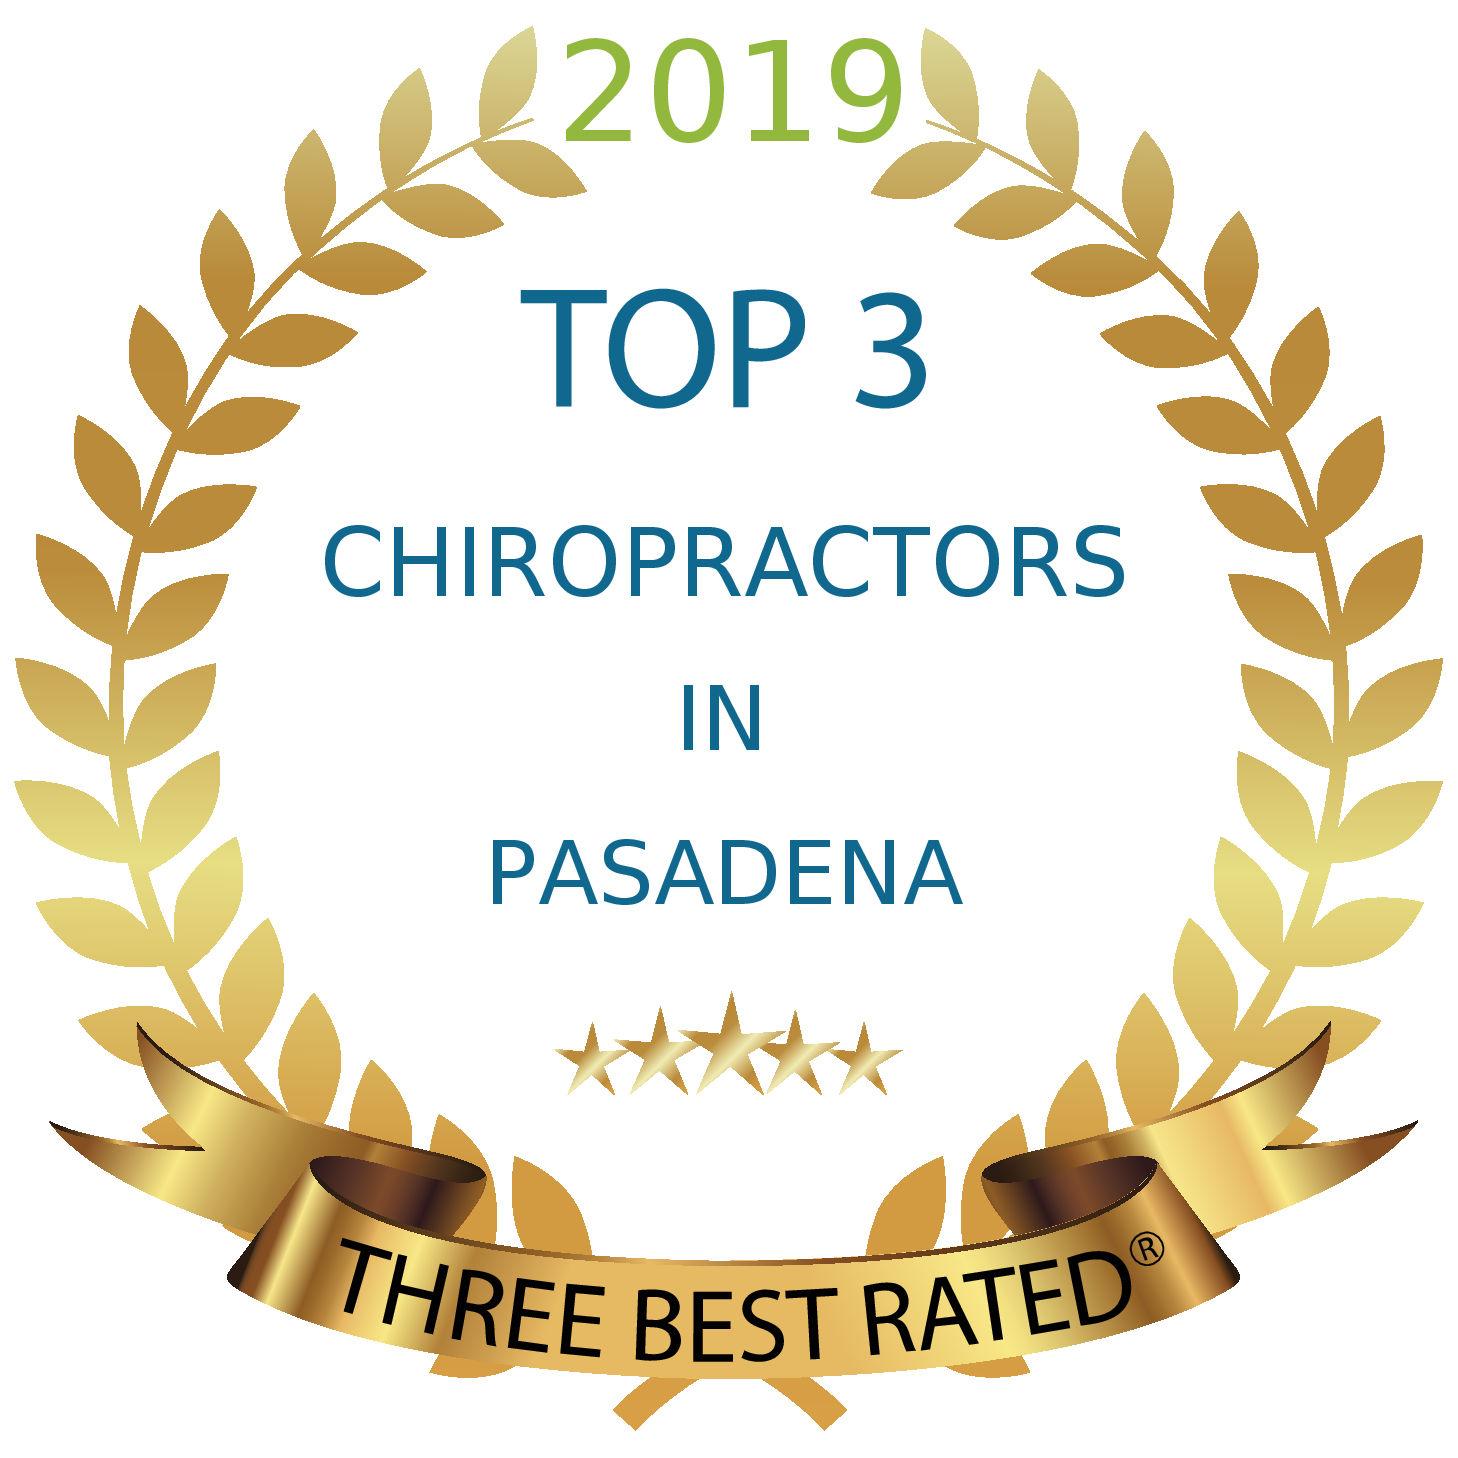 chiropractors-pasadena-2019-clr (1).jpg